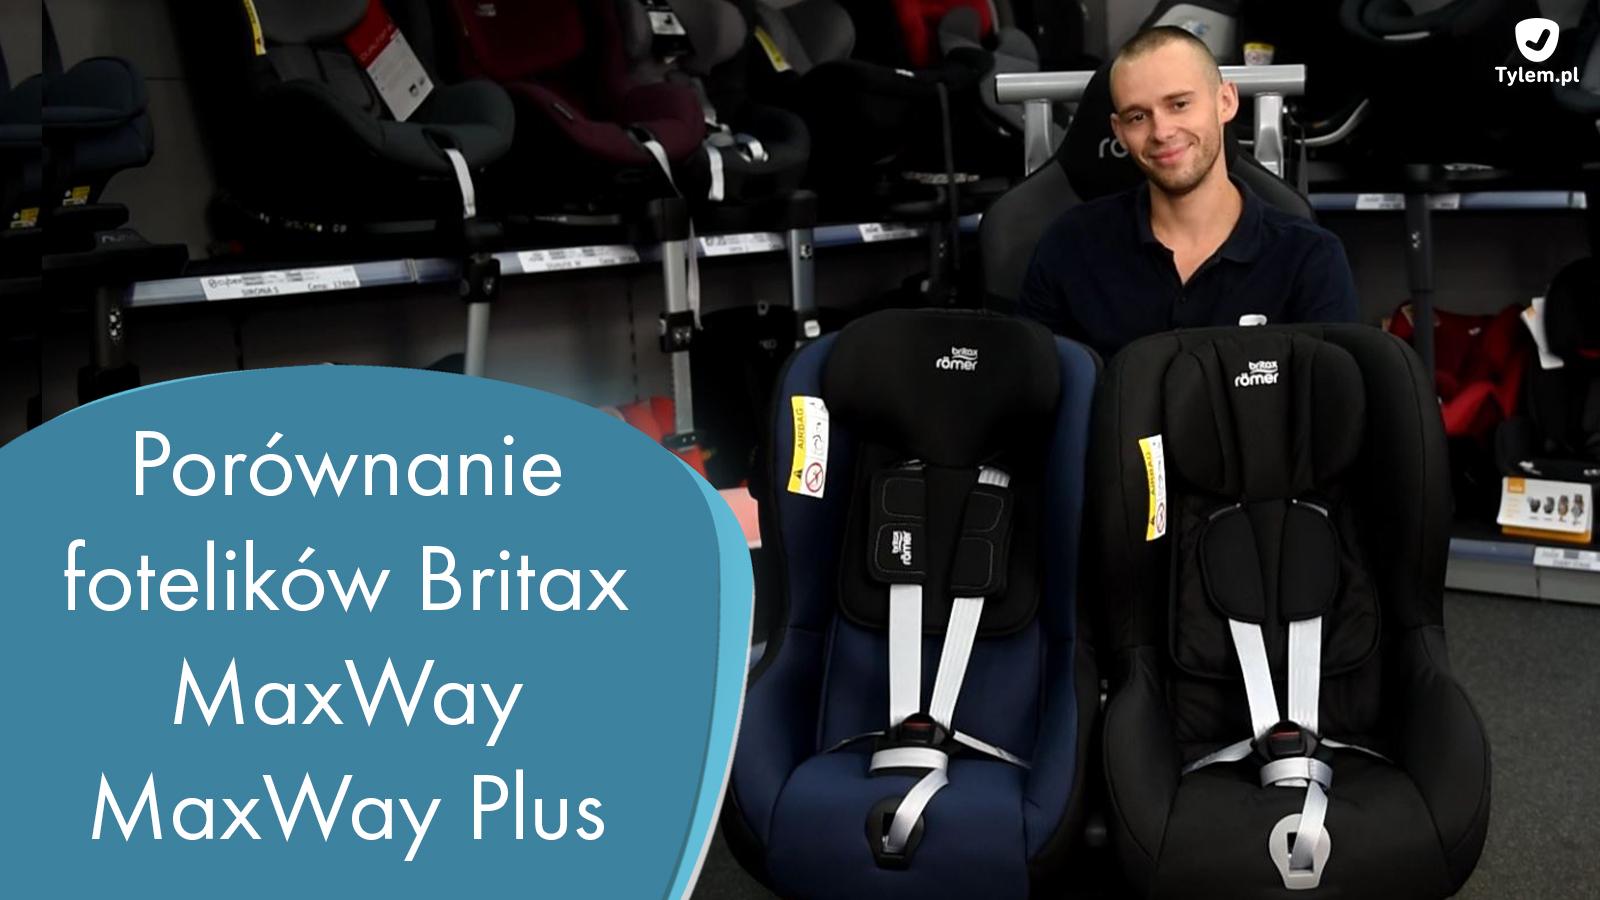 Porównianie MaxWay i MaxWay Plus